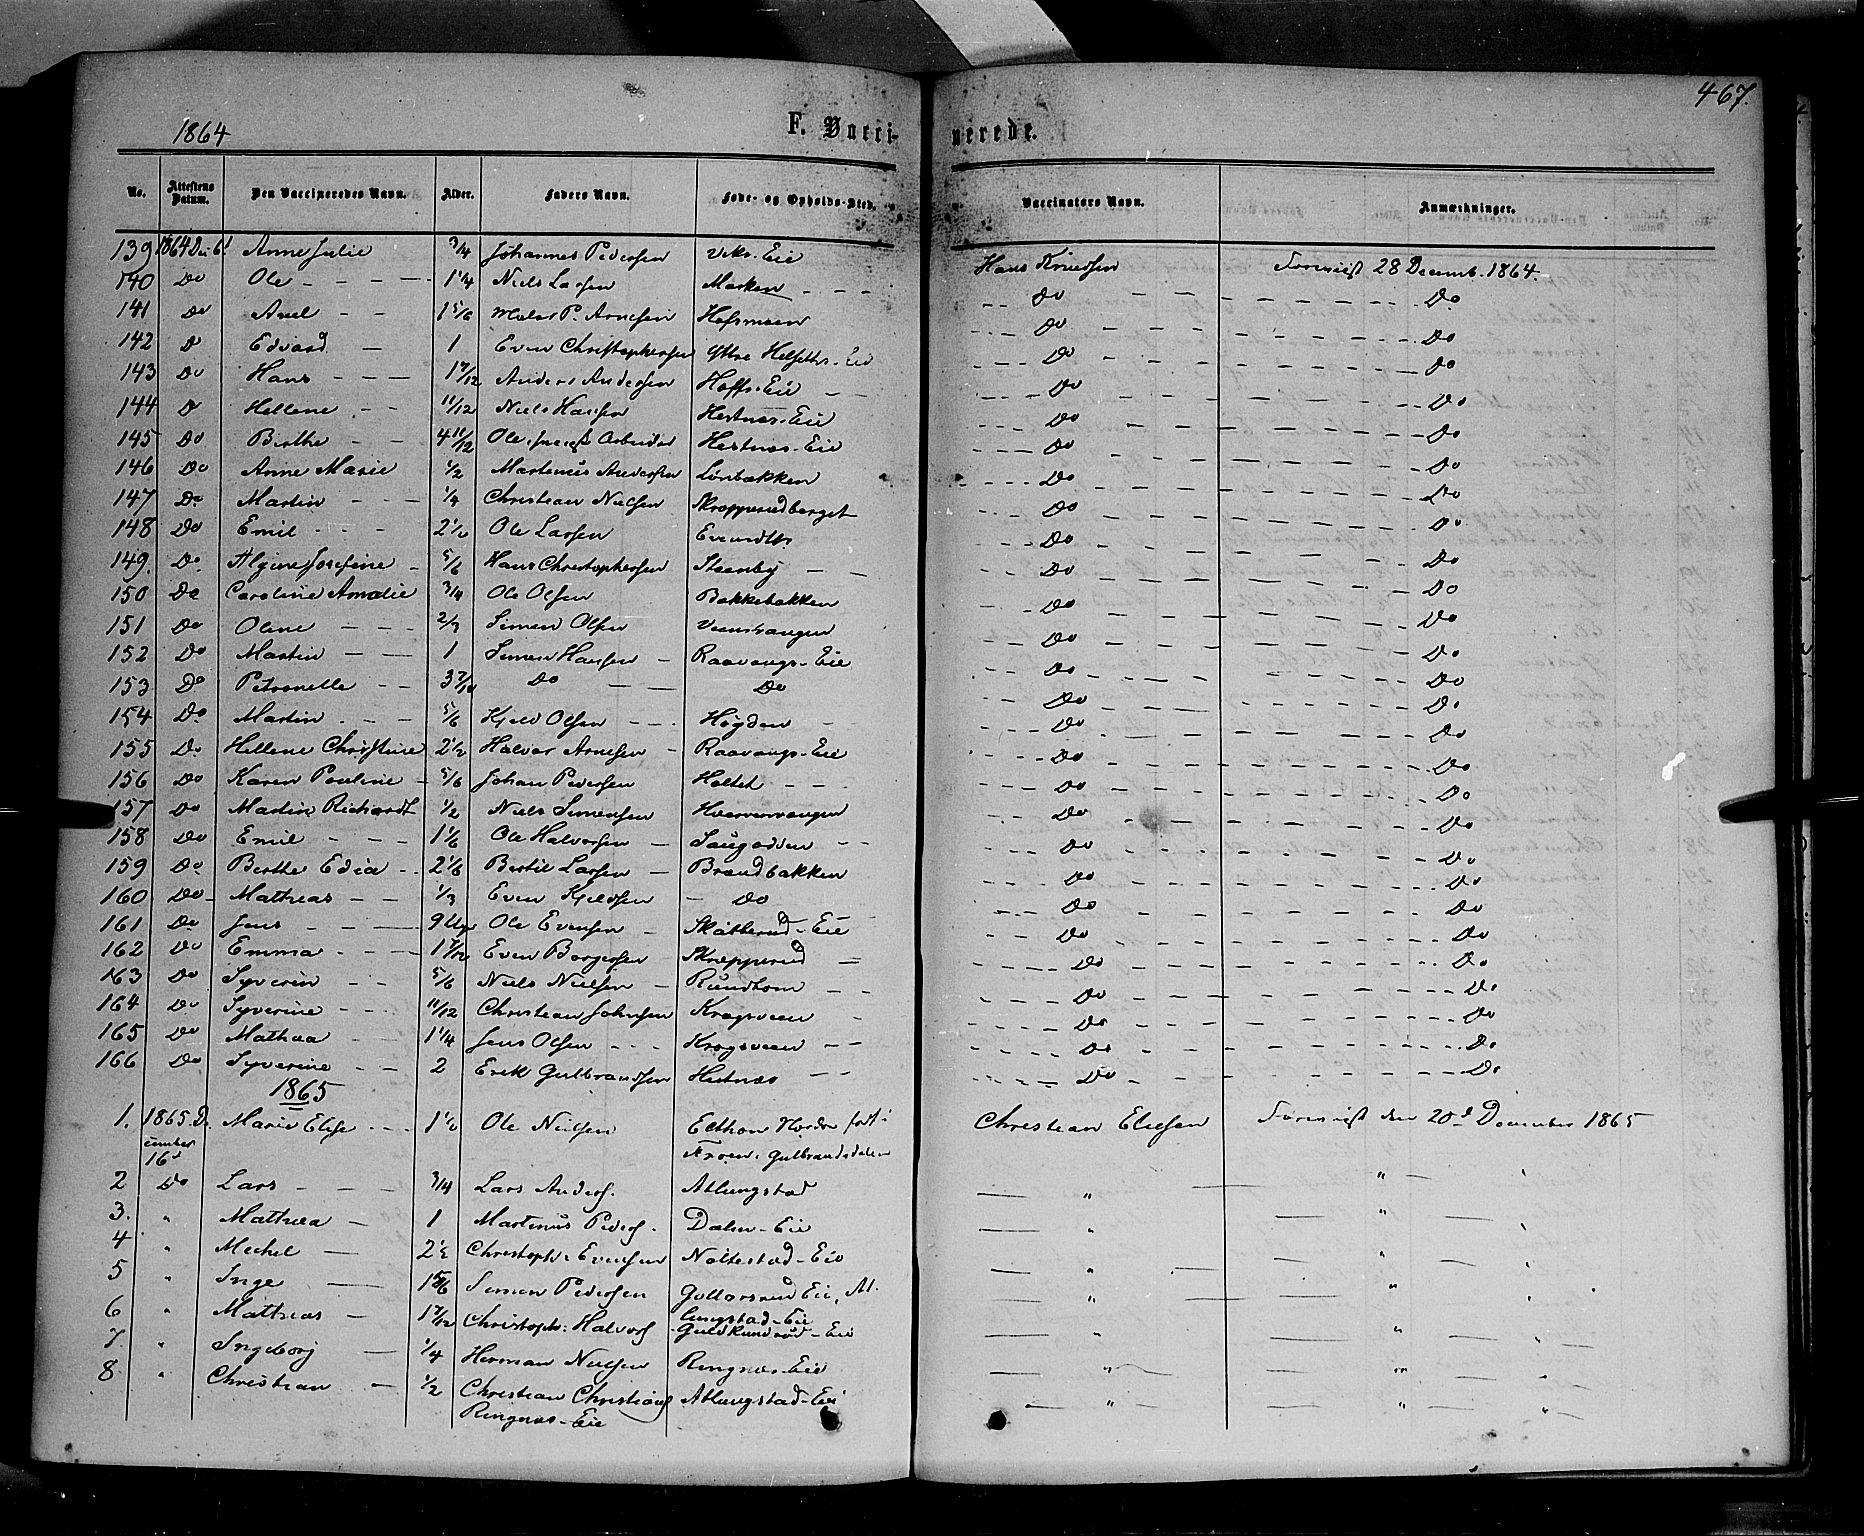 SAH, Stange prestekontor, K/L0013: Parish register (official) no. 13, 1862-1879, p. 467